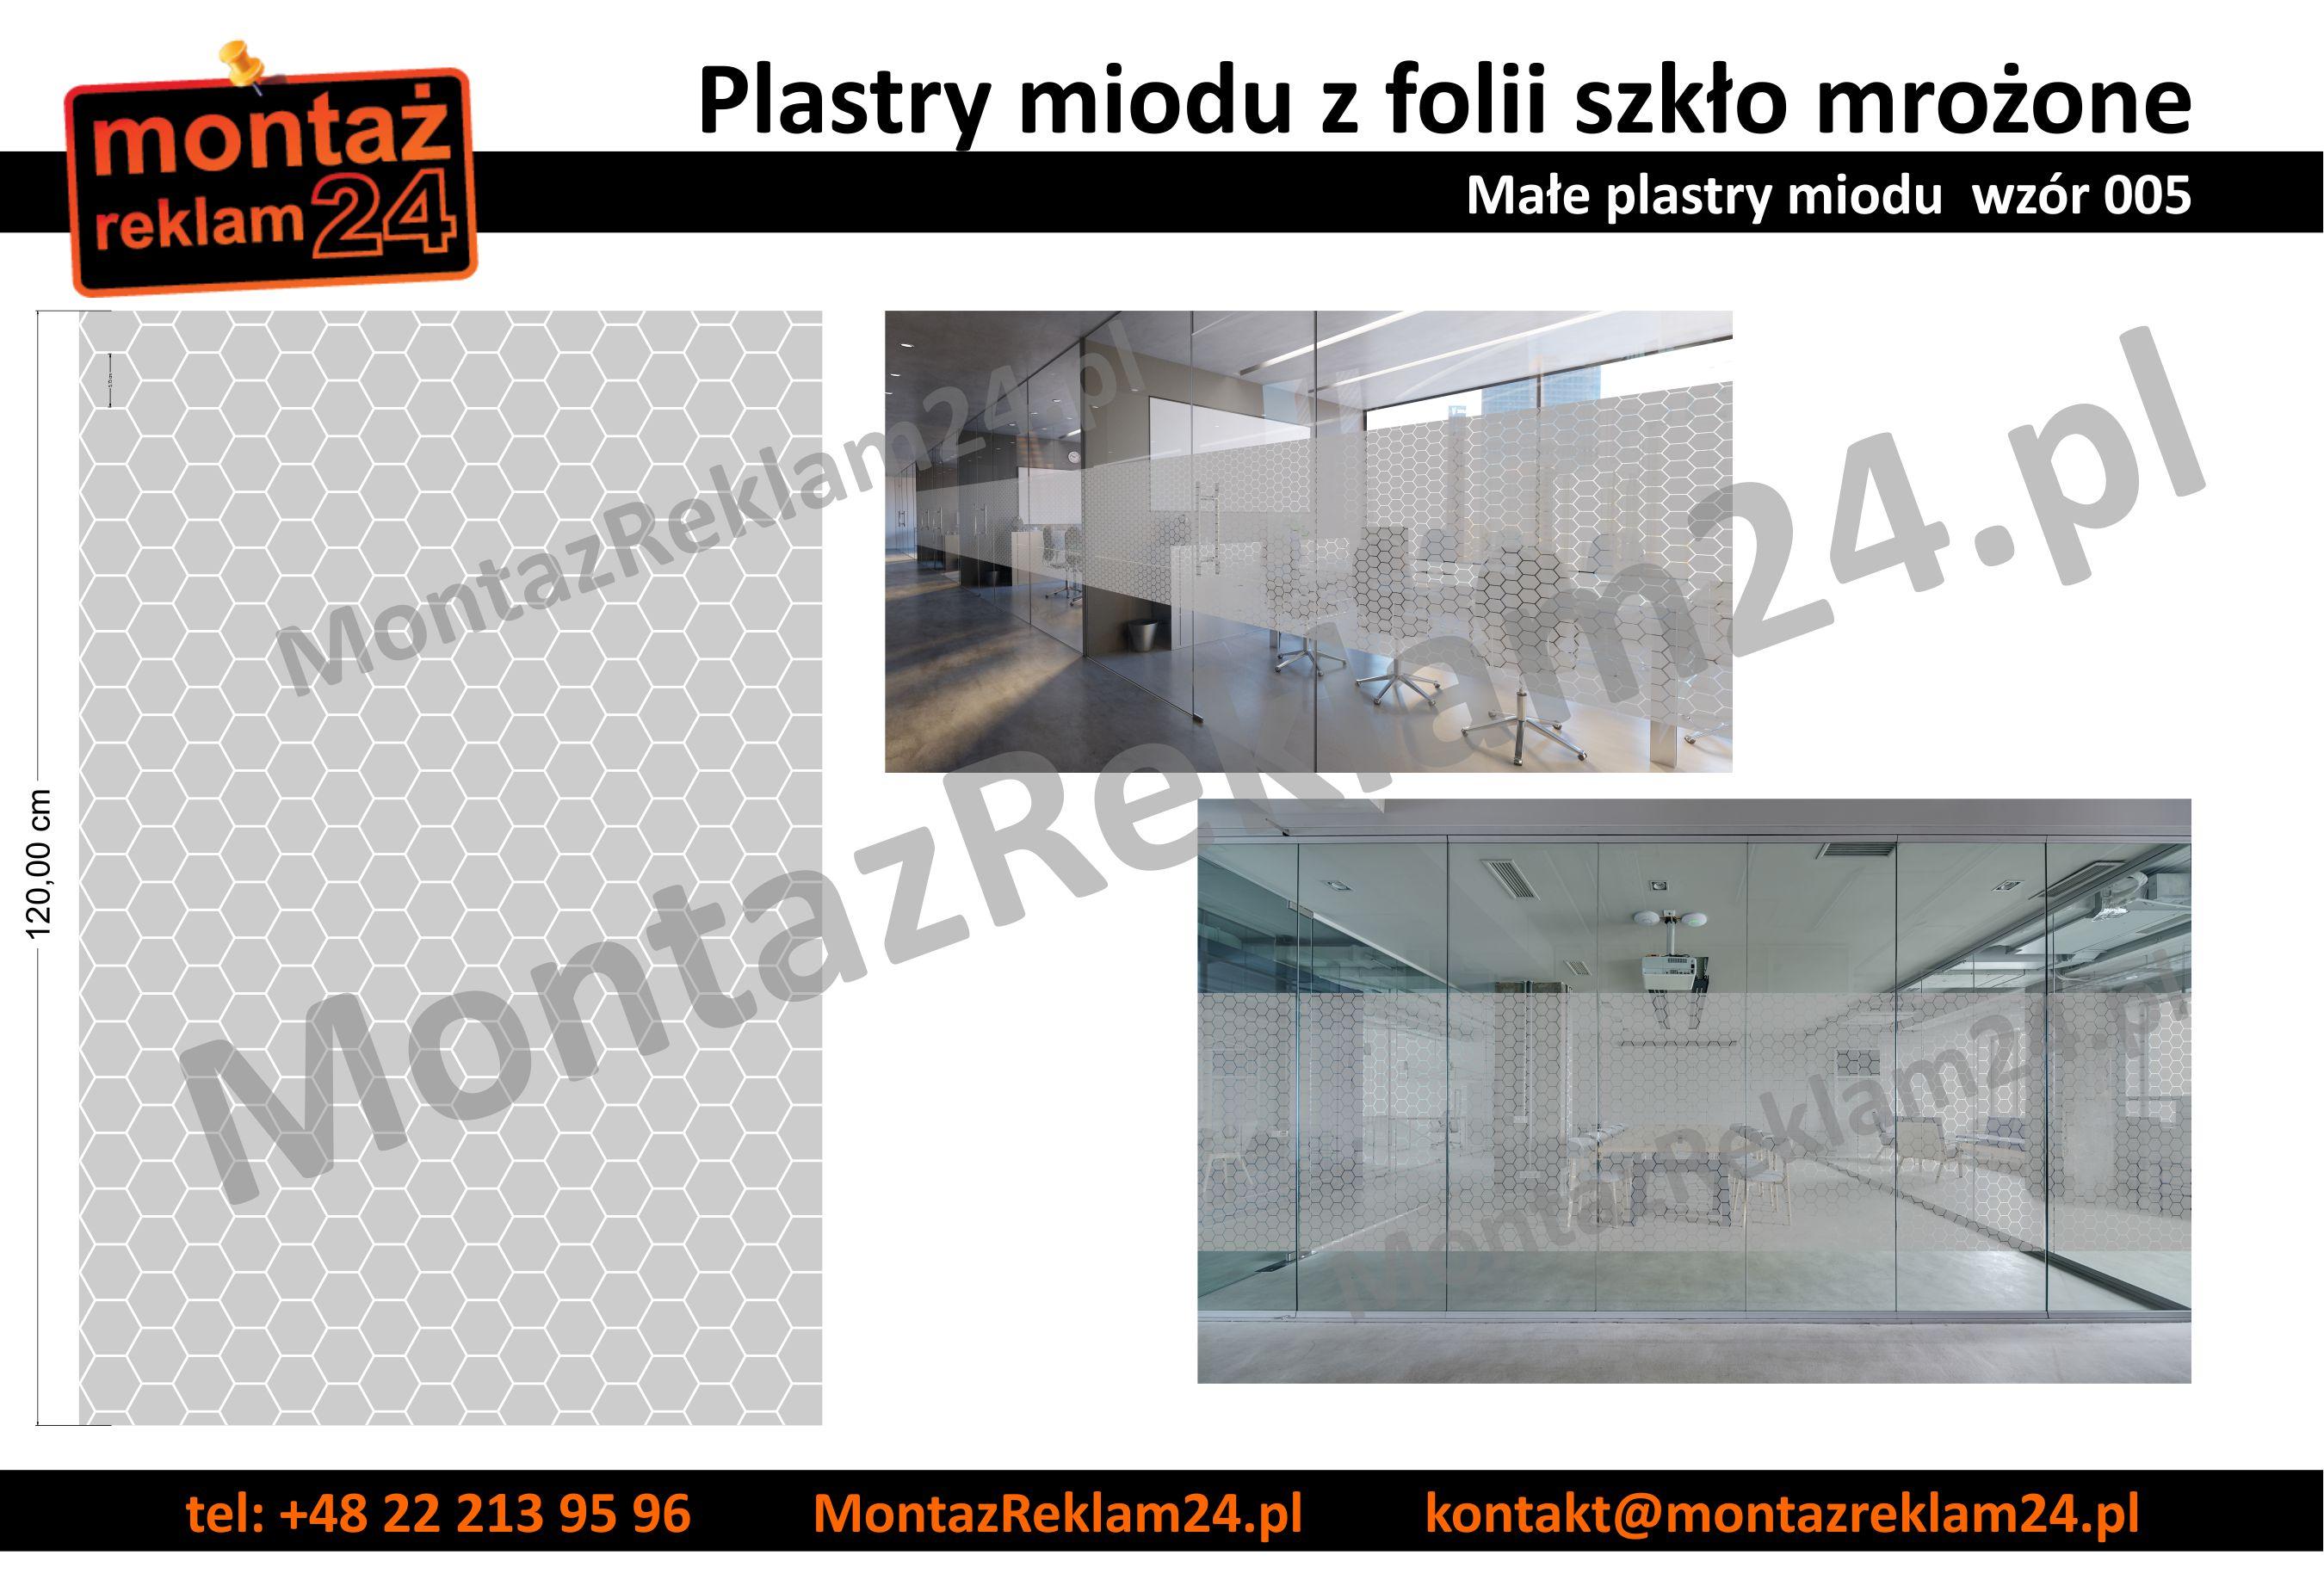 Zaluzje z folii mrozonej male plastry miodu - wzor005 - MontazReklam24.jpg